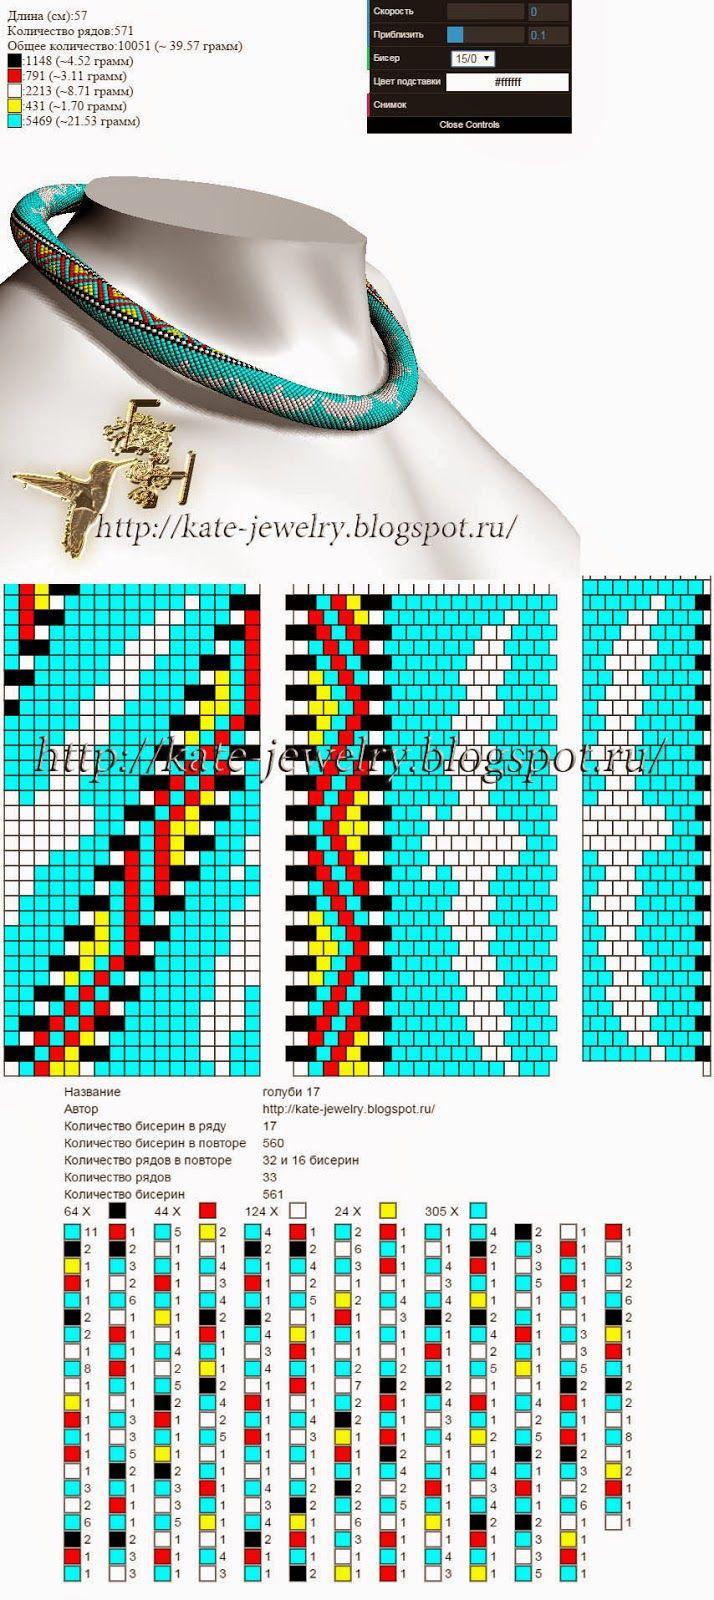 схема для жгута, вязание, жгут, бирюзовый, желтый, красный, черный, белый, голубь, птица, индейцы, дух